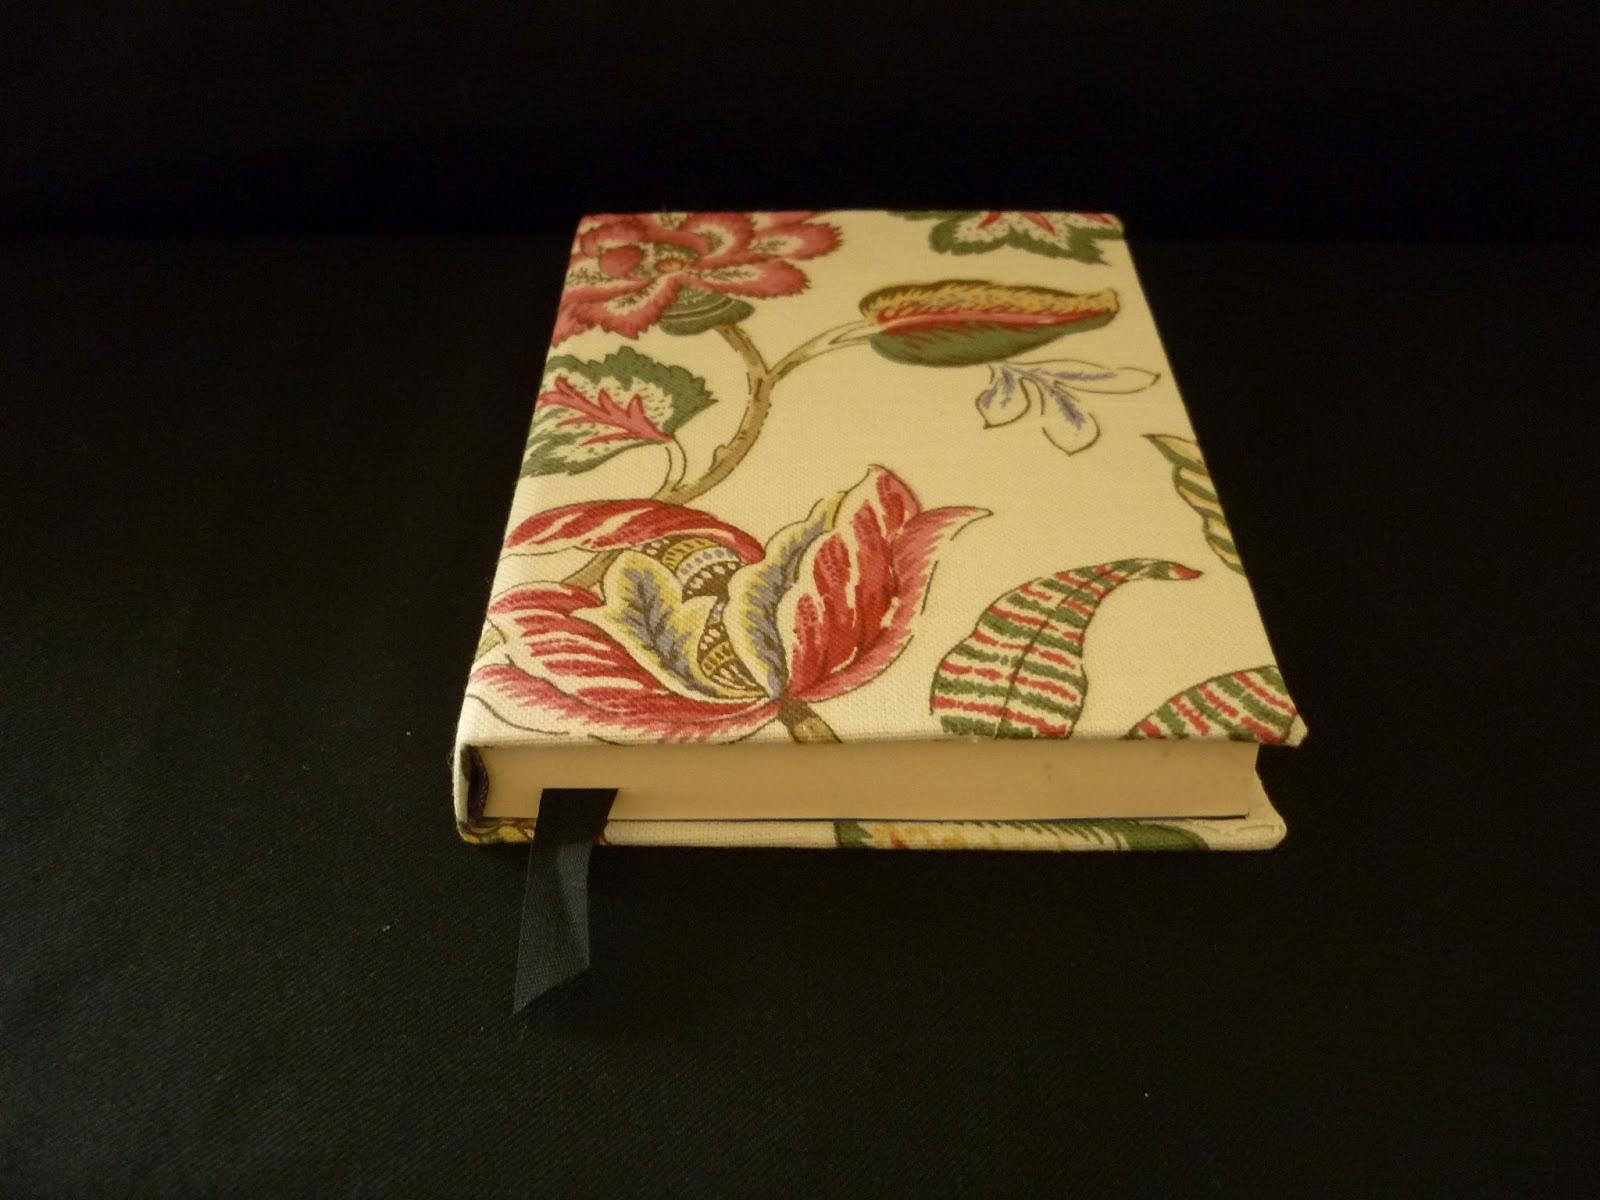 Artesan as leomar cuadernos de papel y tela 2 - Papel y telas ...